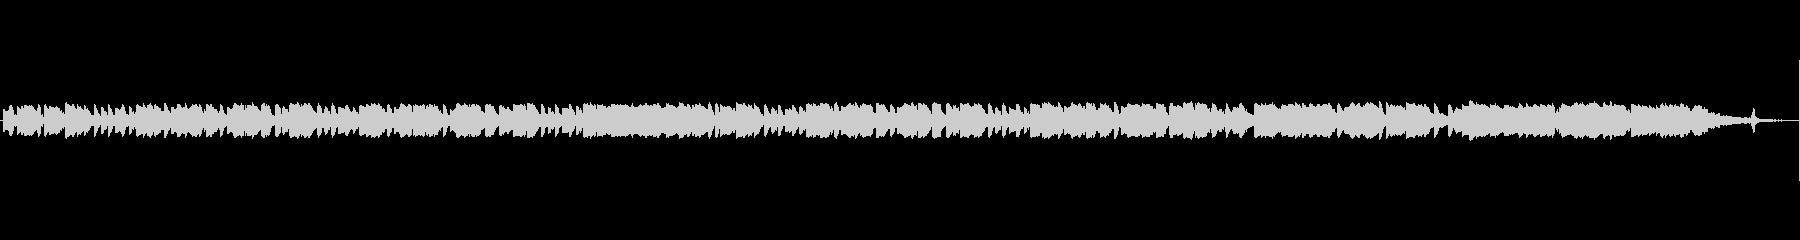 古いVictrolaレコードプレー...の未再生の波形